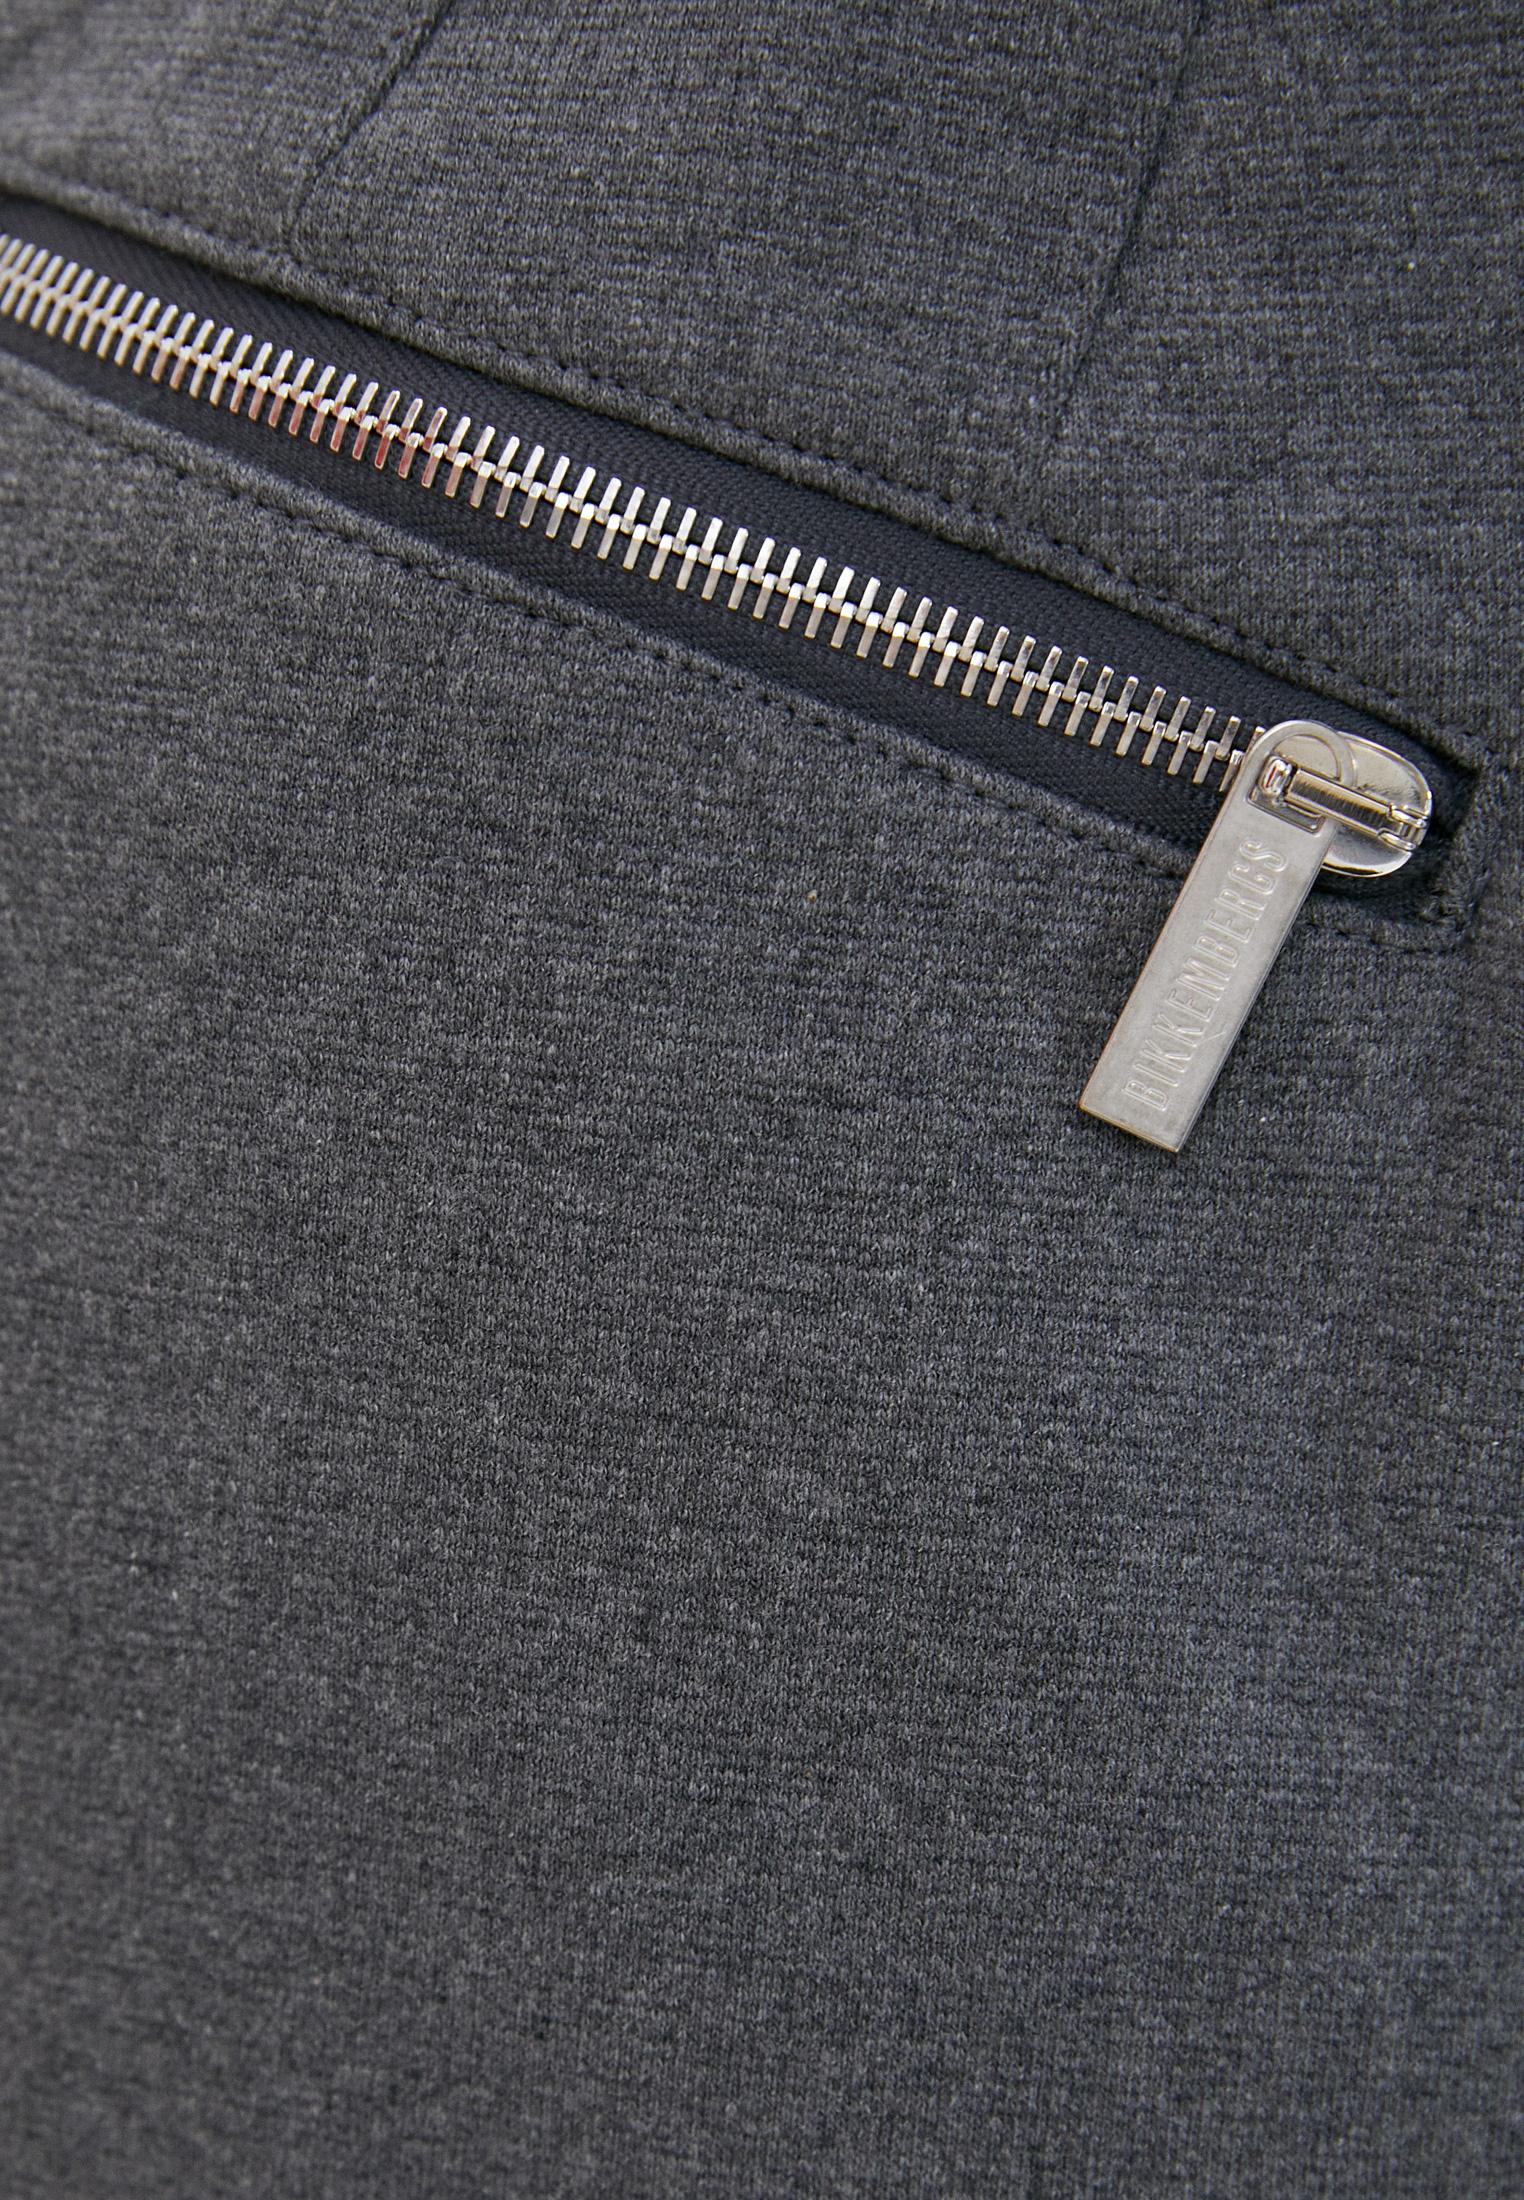 Мужские повседневные брюки Bikkembergs (Биккембергс) C 1 115 01 M 4114: изображение 5